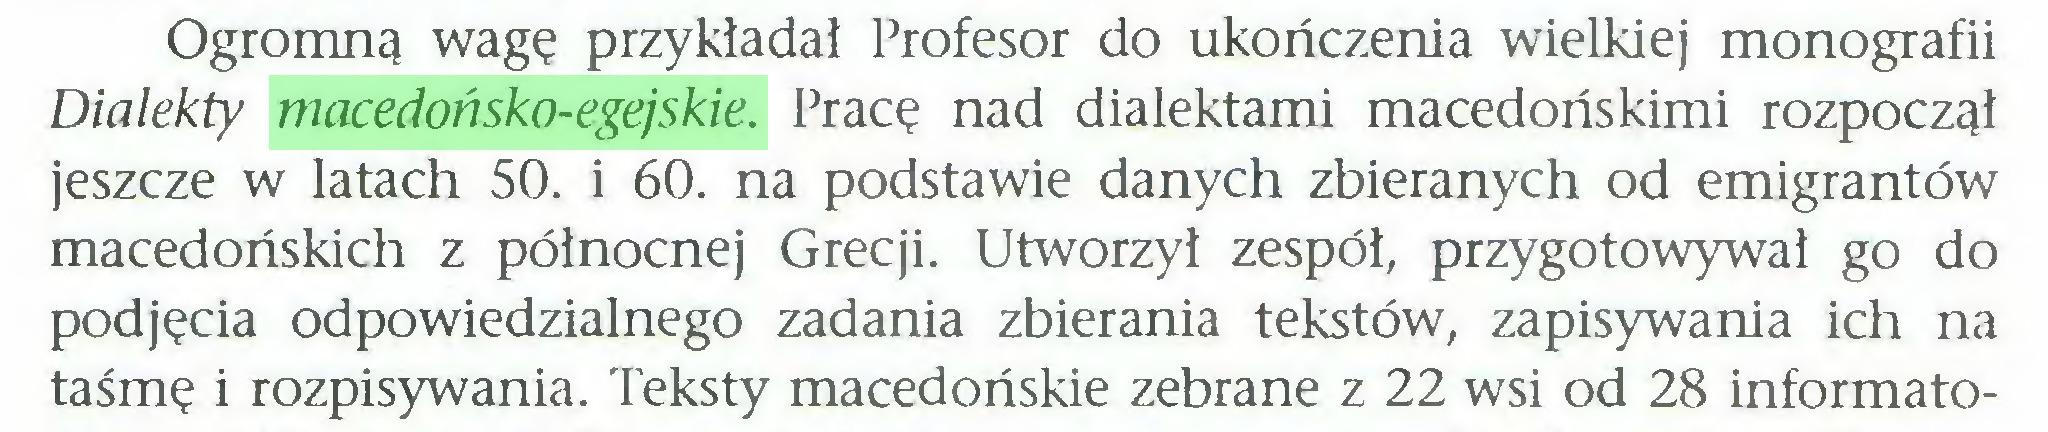 (...) Ogromną wagę przykładał Profesor do ukończenia wielkiej monografii Dialekty macedońsko-egejskie. Pracę nad dialektami macedońskimi rozpoczął jeszcze w latach 50. i 60. na podstawie danych zbieranych od emigrantów macedońskich z północnej Grecji. Utworzył zespół, przygotowywał go do podjęcia odpowiedzialnego zadania zbierania tekstów, zapisywania ich na taśmę i rozpisywania. Teksty macedońskie zebrane z 22 wsi od 28 informato...